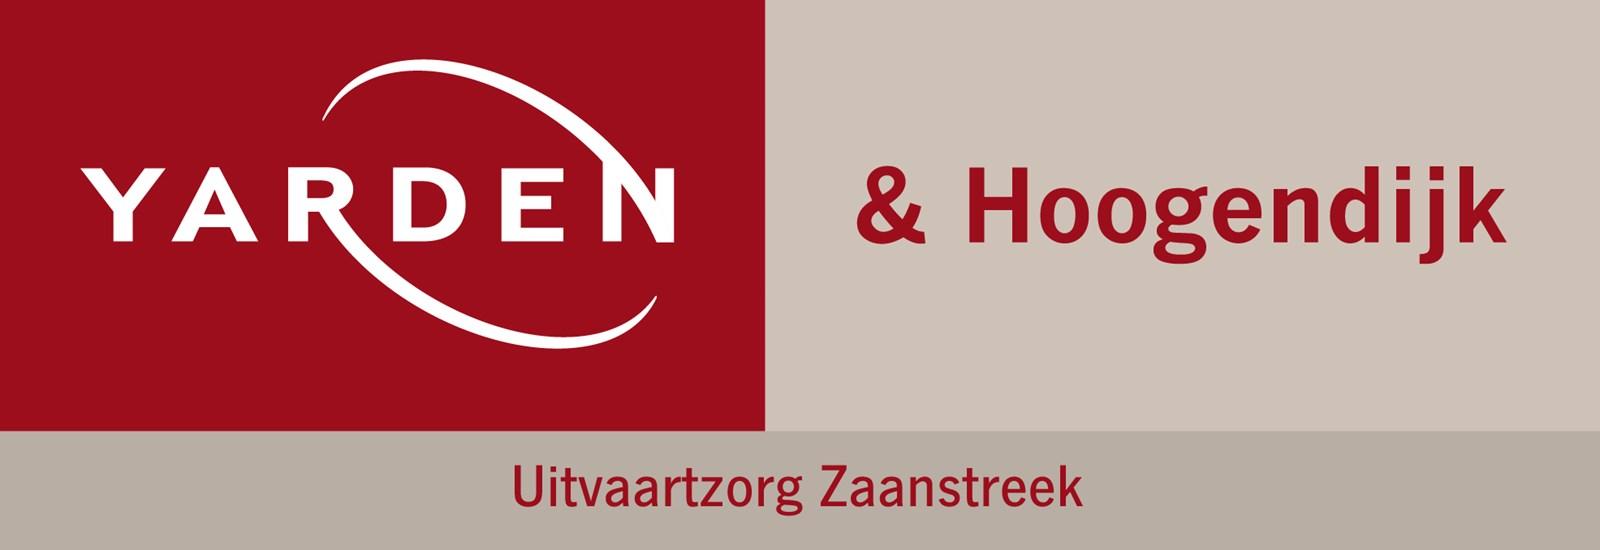 Logo van Yarden & Hoogendijk Uitvaartzorg Zaanstreek